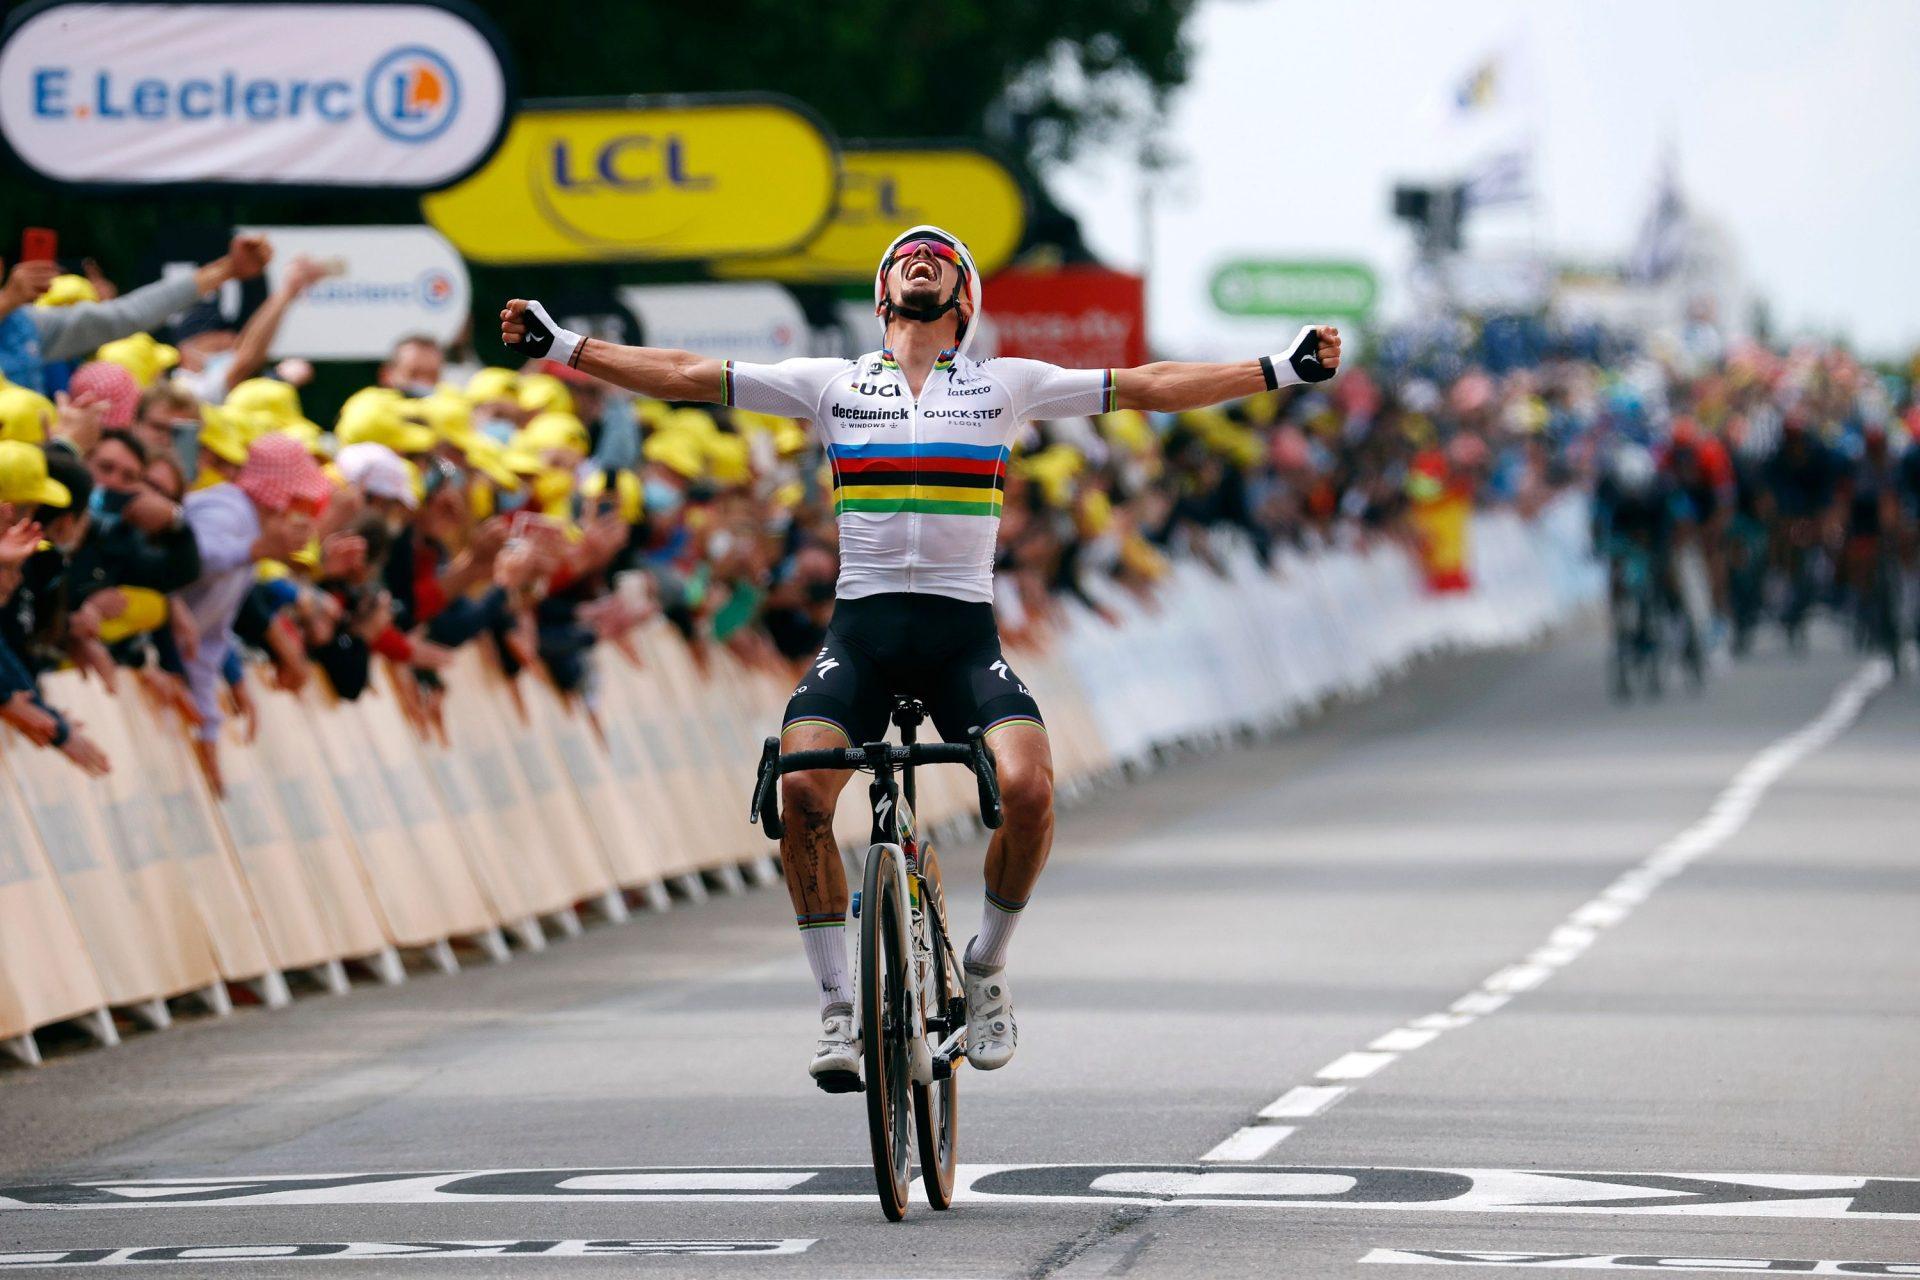 Julian Alaphilippe už do pokladničky týmu přispěl triumfem v etapě a minimálně jedním dnem ve žlutém trikotu. Foto: Tim de